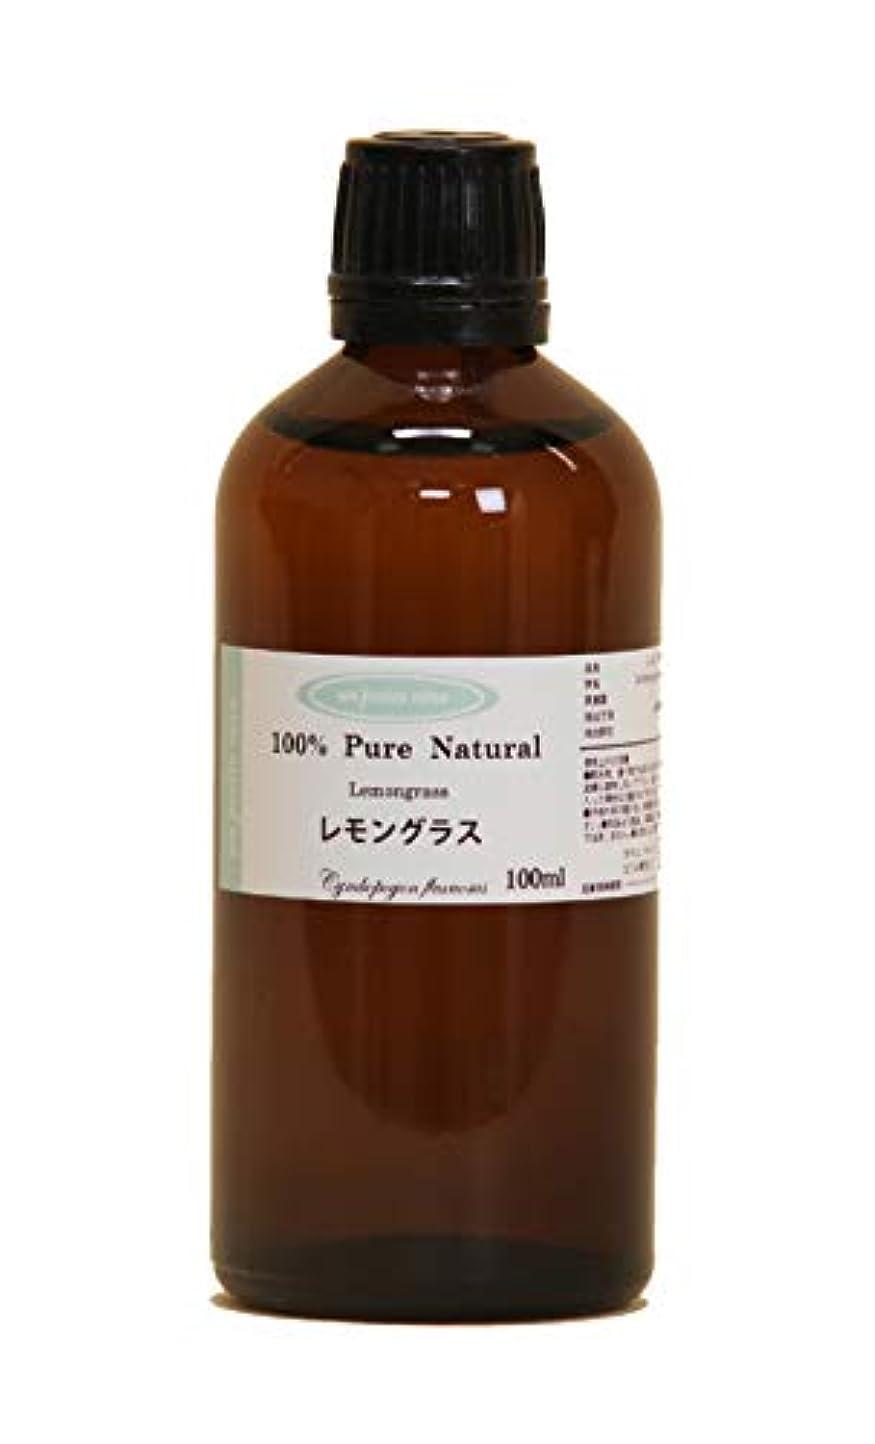 因子海峡非常にレモングラス 100ml 100%天然アロマエッセンシャルオイル(精油)